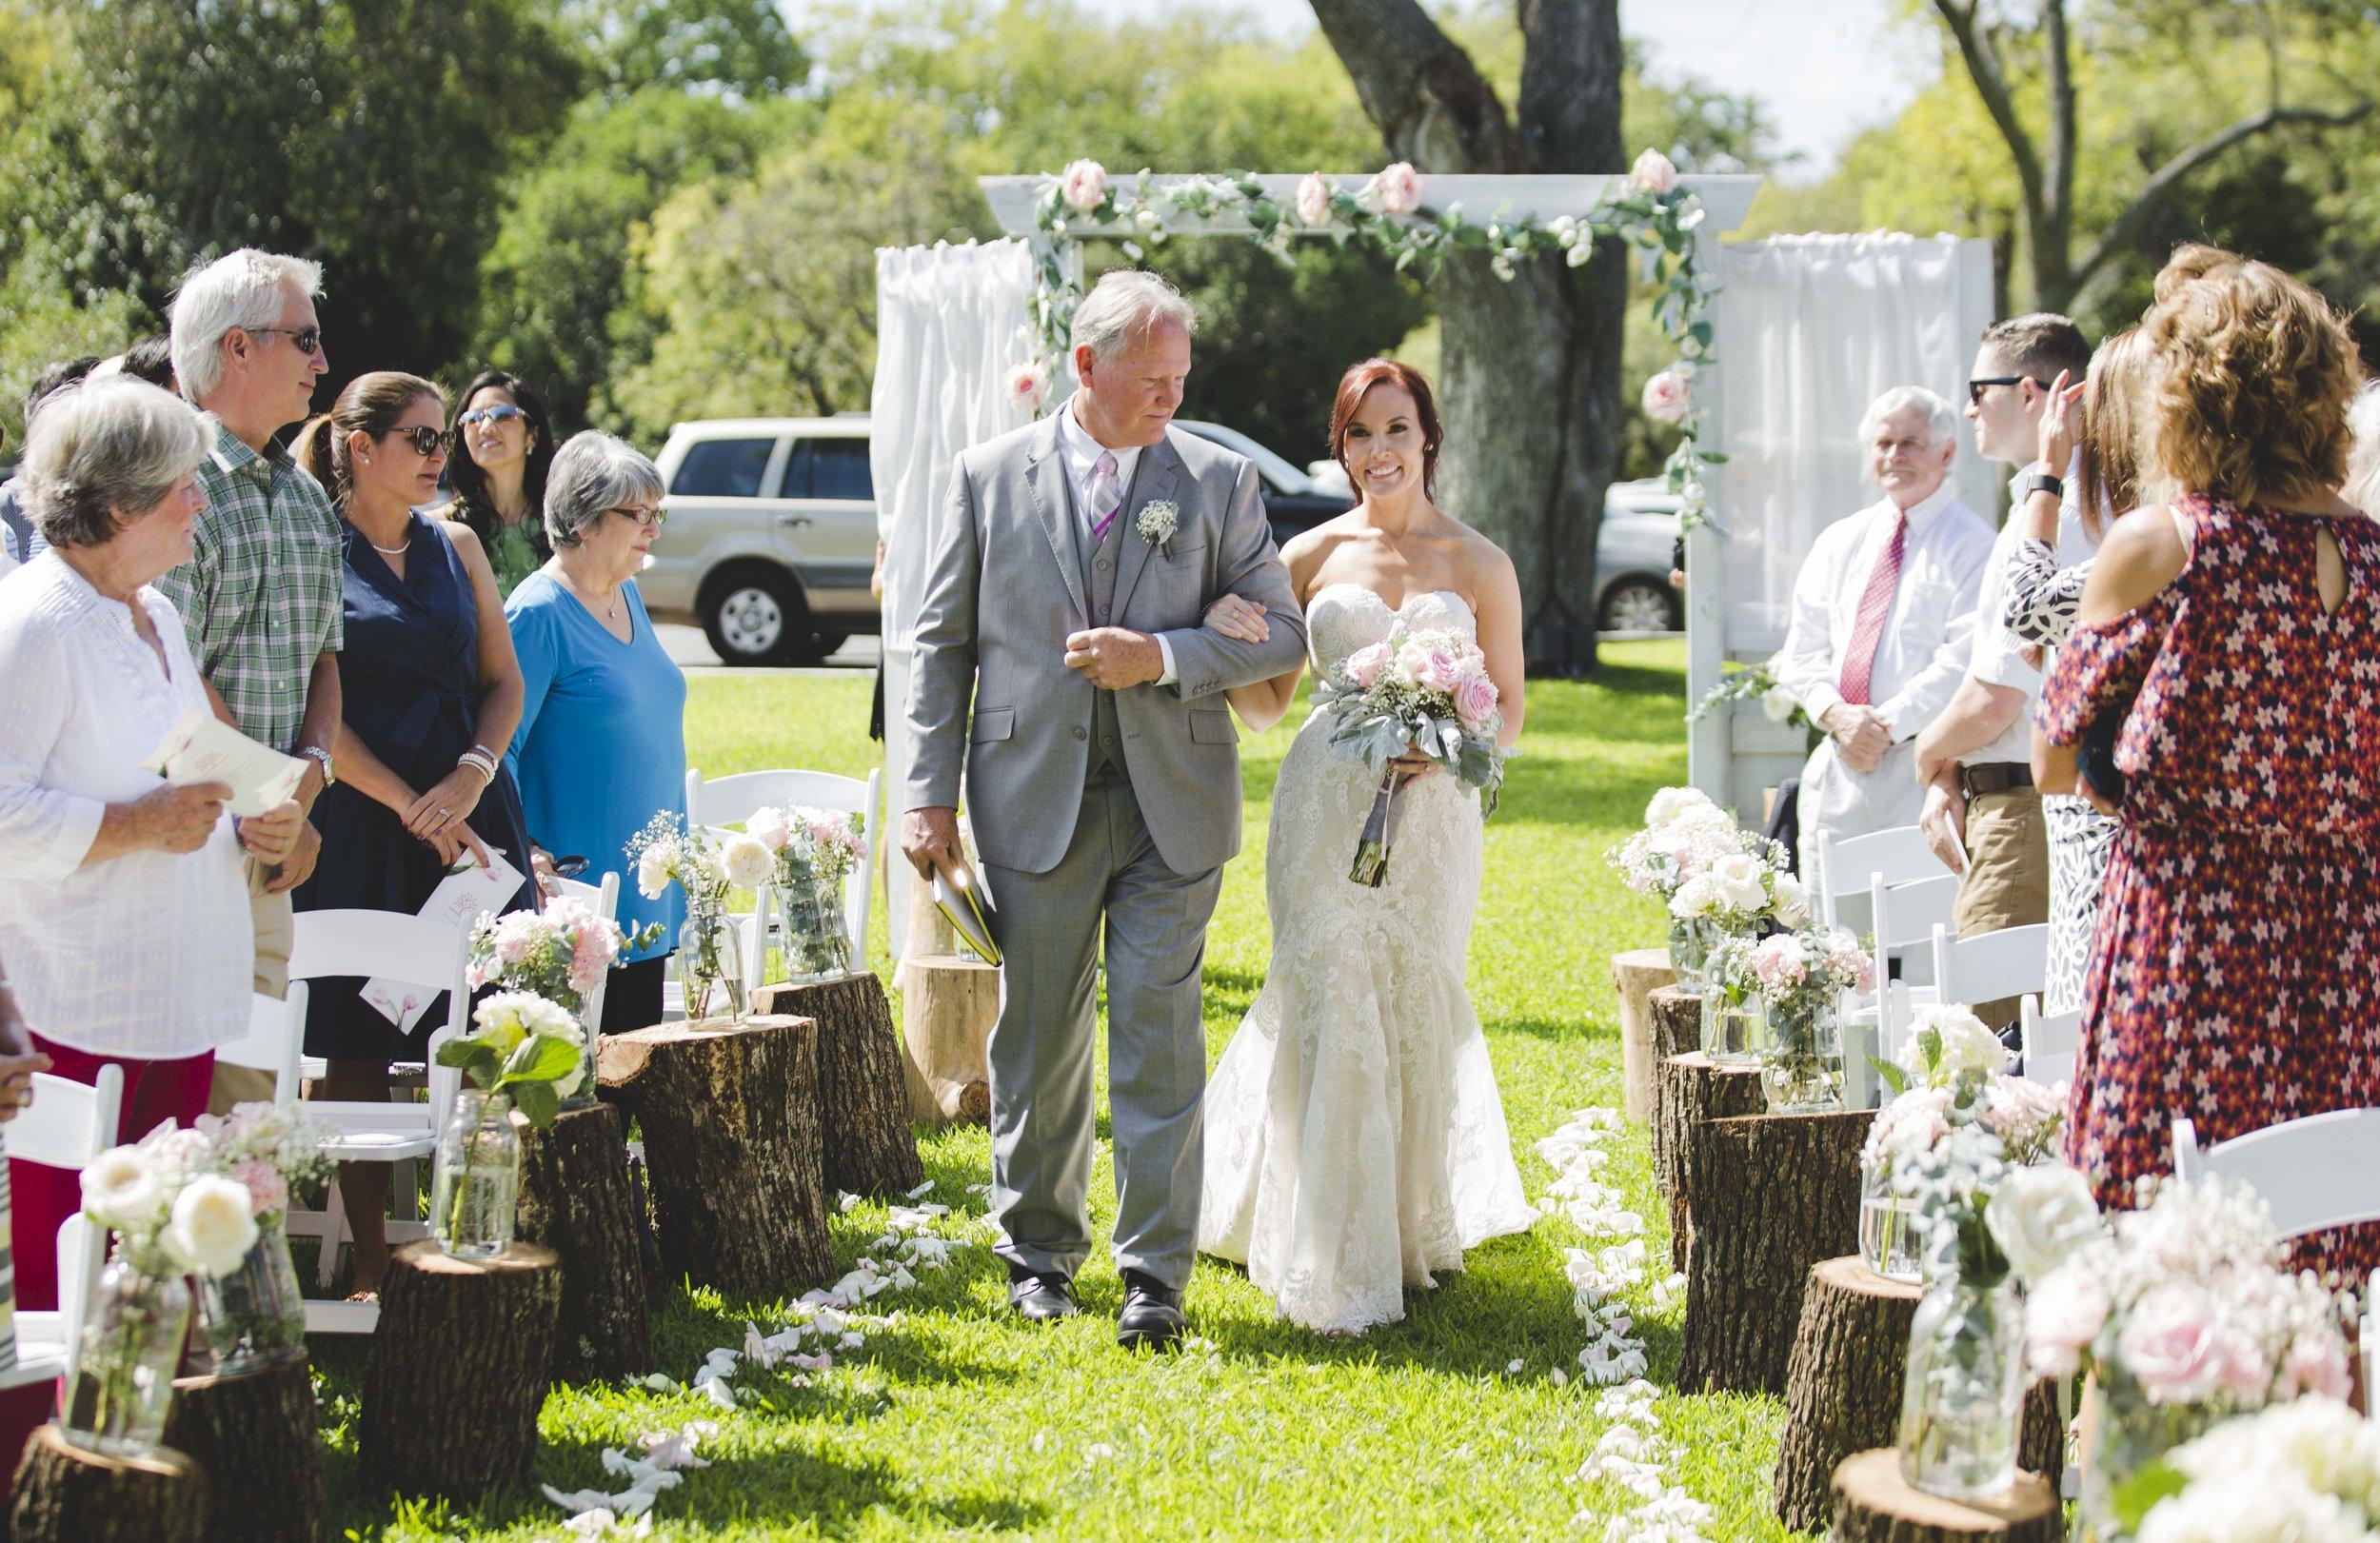 ATGI_Susanna & Matt Wedding_717A7561.jpg